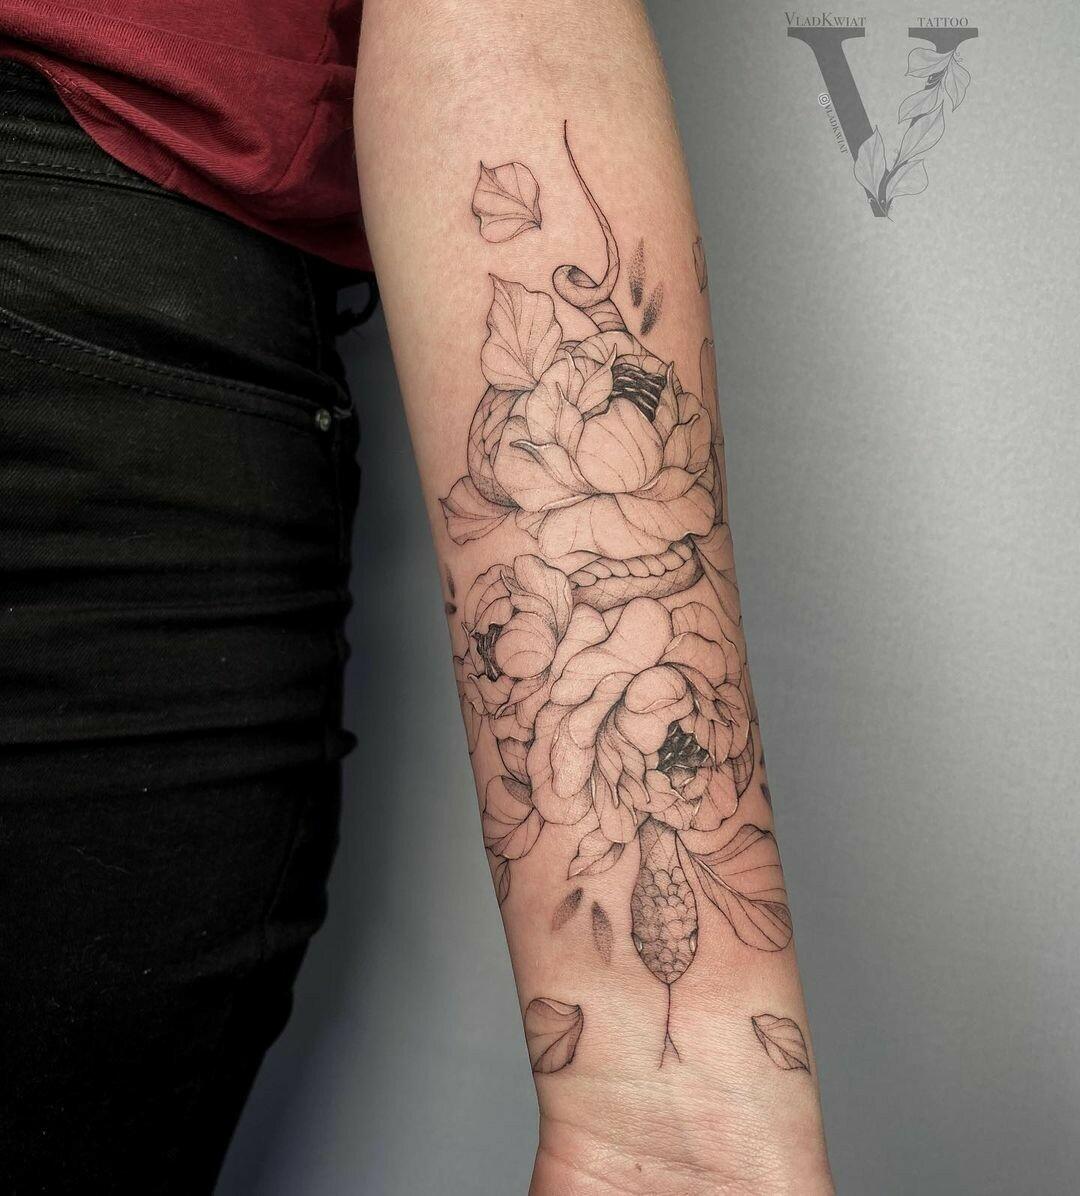 Inksearch tattoo VladKwiat